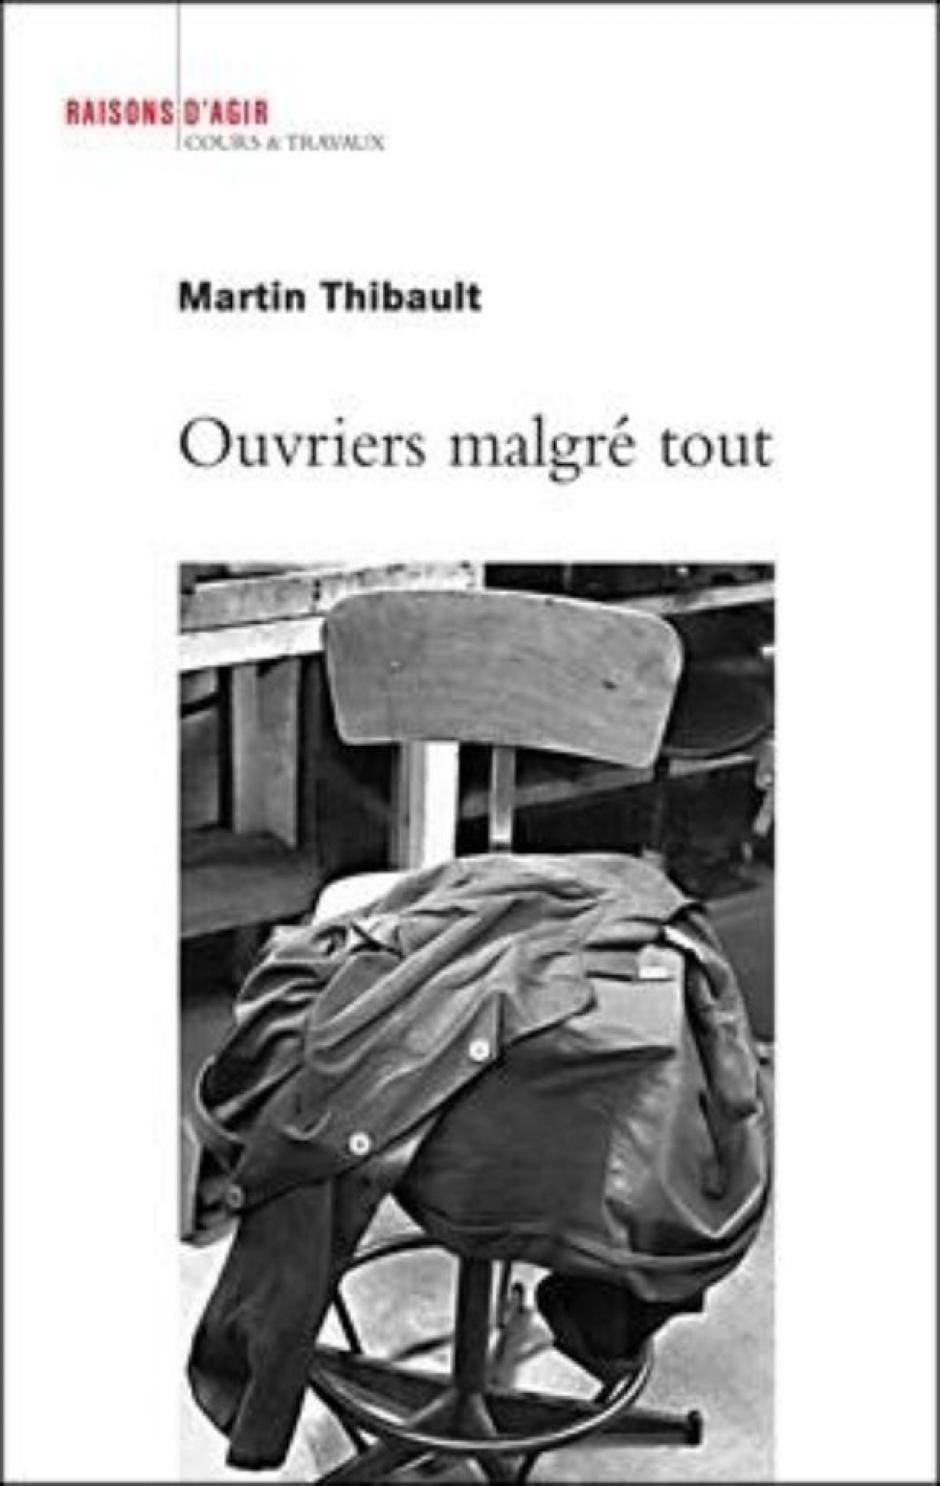 Ouvriers malgré tout, Martin Thibault